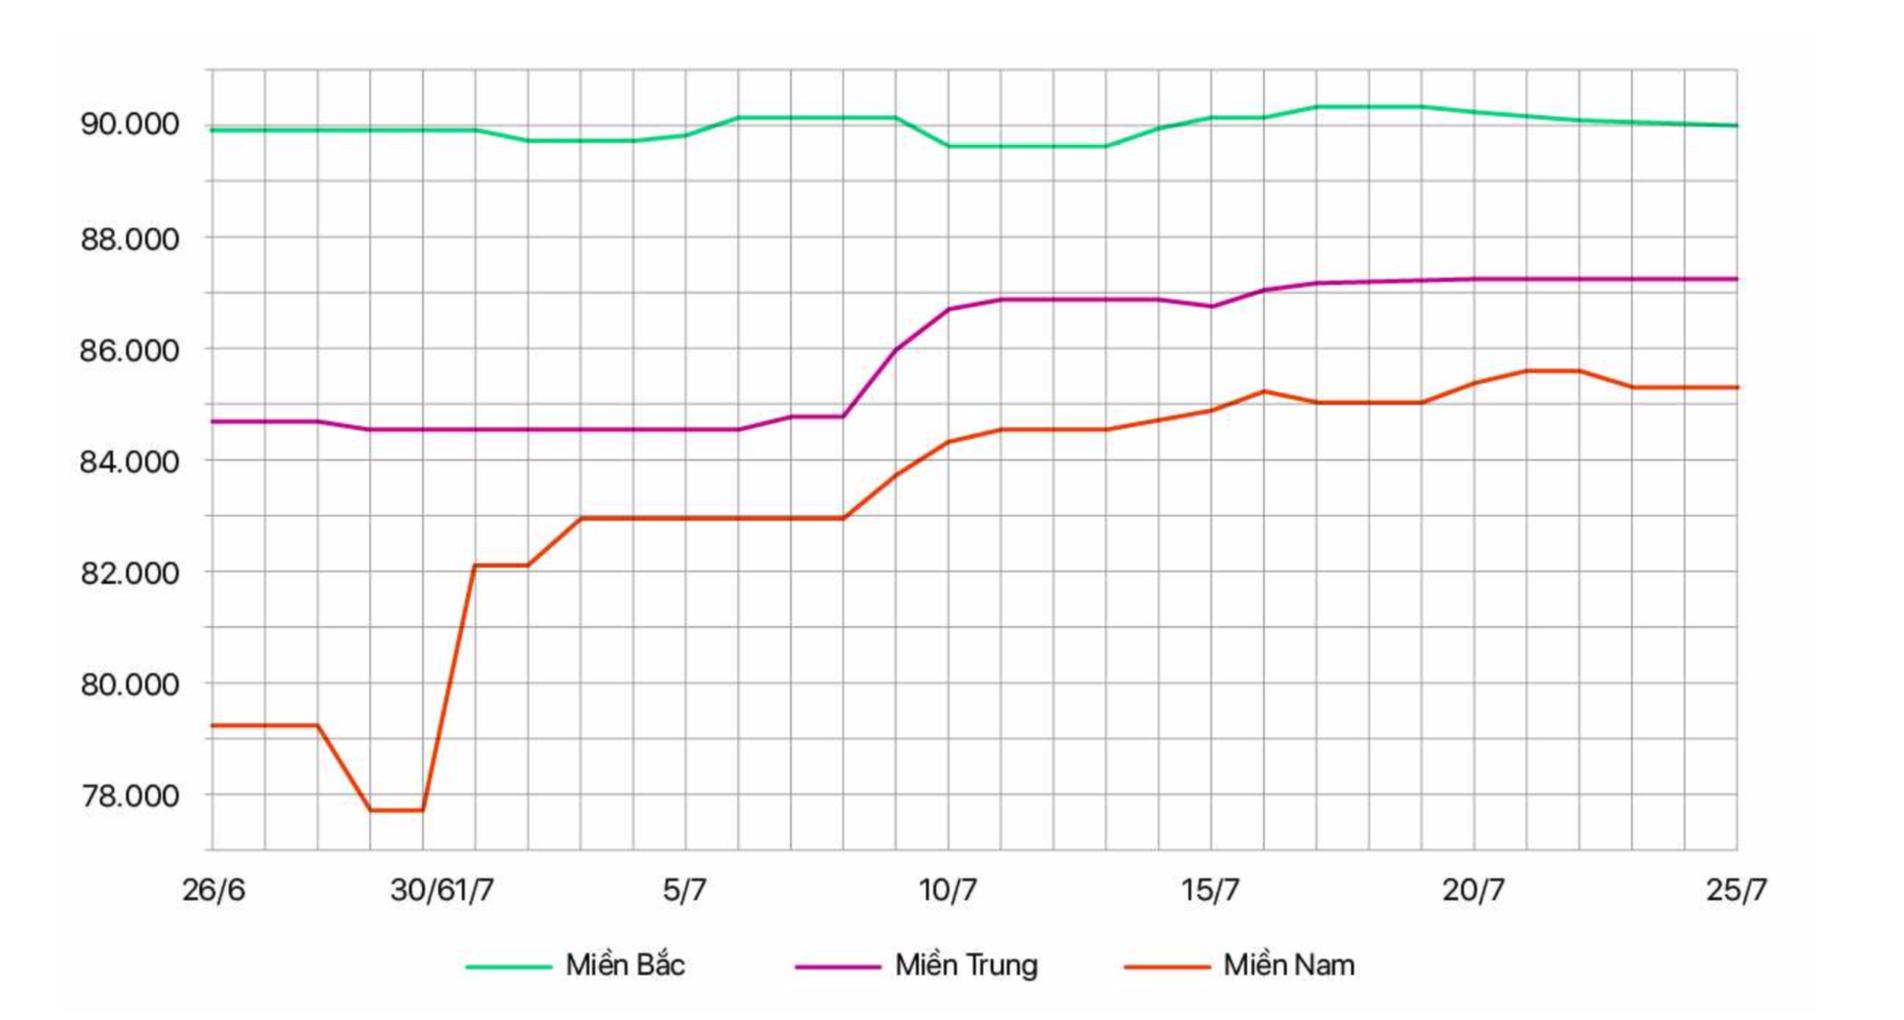 Bộ NN&PTNT: Giá heo hơi cuối quí III có thể giảm 2.000 - 3.000 đồng/kg - Ảnh 1.